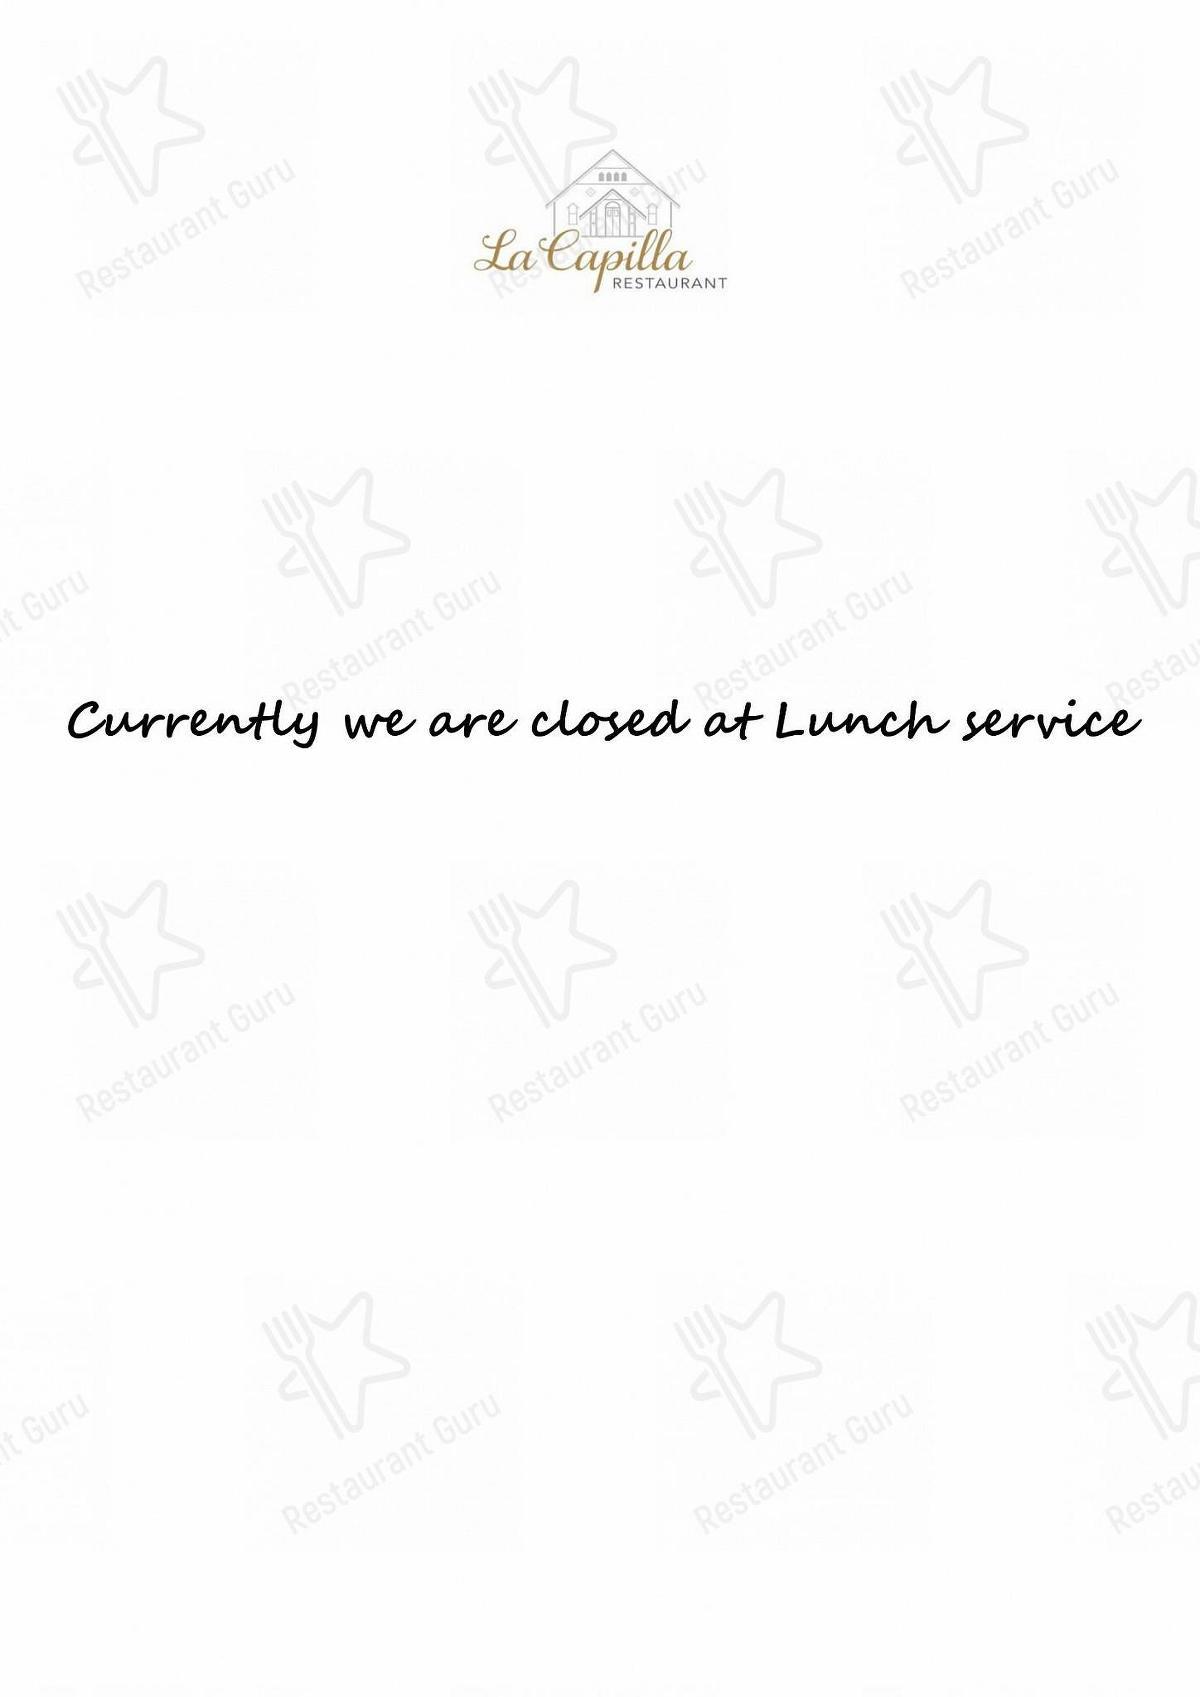 Restaurant La Capilla menu - meals and drinks